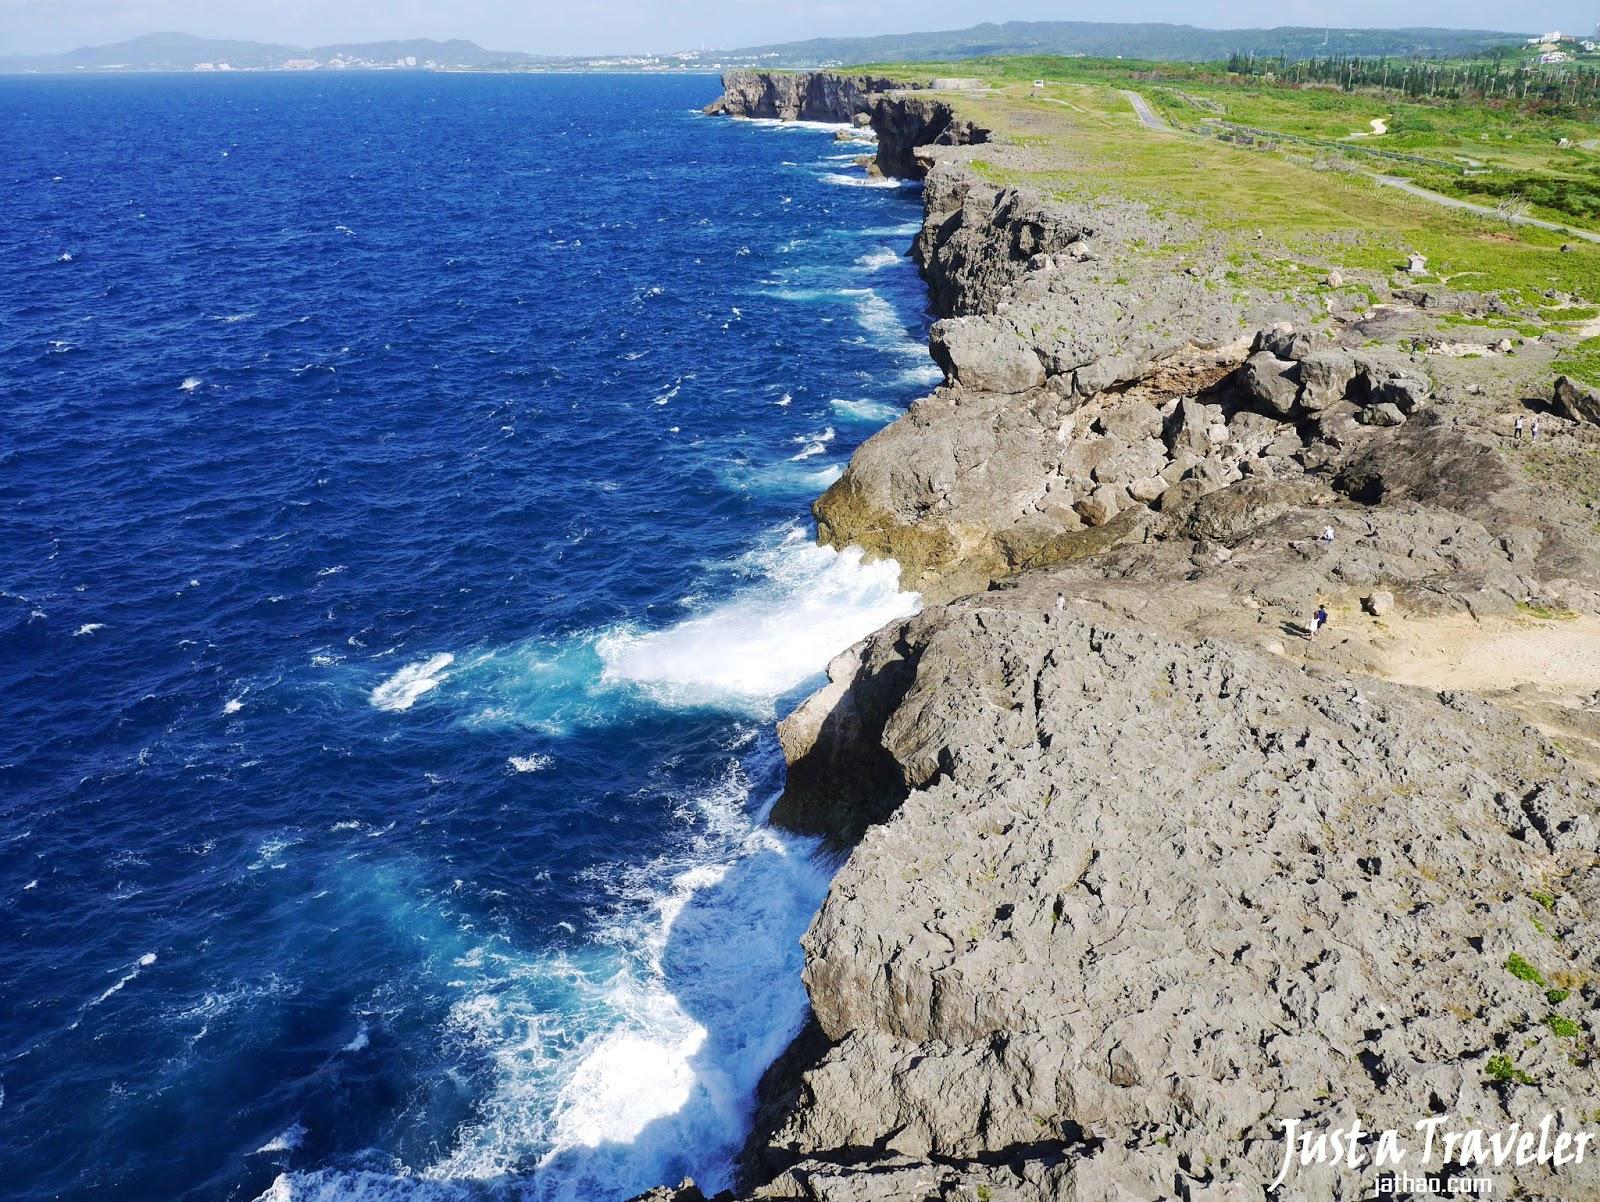 沖繩-景點-推薦-殘波岬-自由行-旅遊-Okinawa-attraction-Zanpa-Toruist-destination